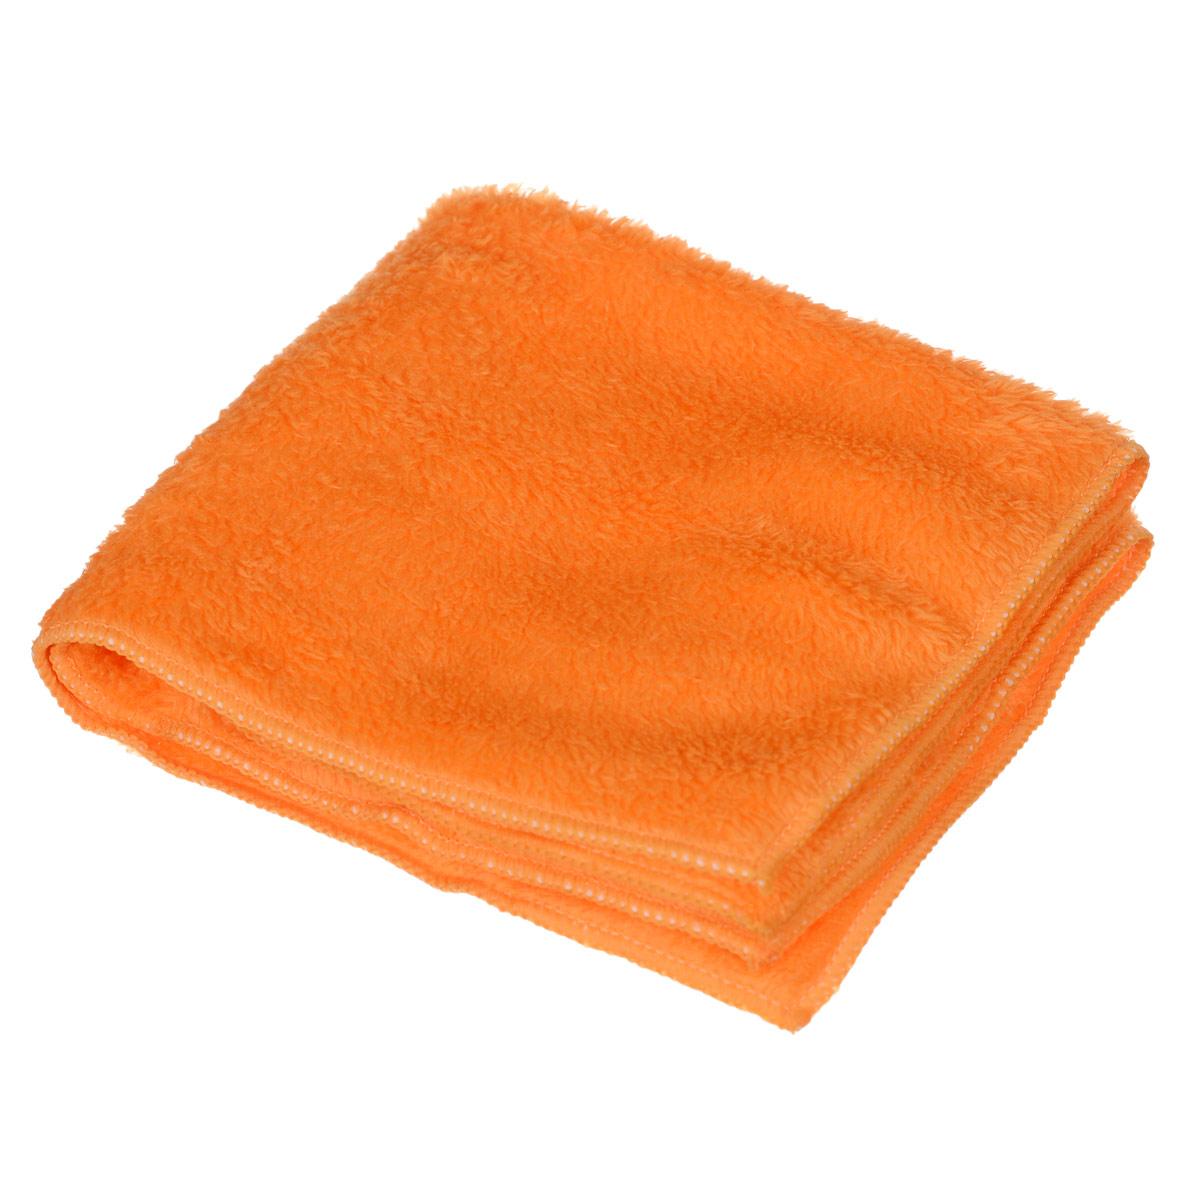 Салфетка чистящая Sapfire, для мытья и полировки автомобиля, цвет: оранжевый, 40 х 40 смSFM-3022_оранжевыйБлагодаря своей уникальной ворсовой структуре, салфетка Sapfire прекрасно подходит для мытья и полировки автомобиля. Материал салфетки (микрофибра) обладает уникальной способностью быстро впитывать большой объем жидкости. Клиновидные микроскопические волокна захватывают и легко удерживают частички пыли, жировой и никотиновый налет, микроорганизмы, в том числе болезнетворные и вызывающие аллергию. Салфетка великолепно удаляет пыль и грязь. Протертая поверхность становится идеально чистой, сухой, блестящей, без разводов и ворсинок. Размер салфетки: 40 см х 40 см.